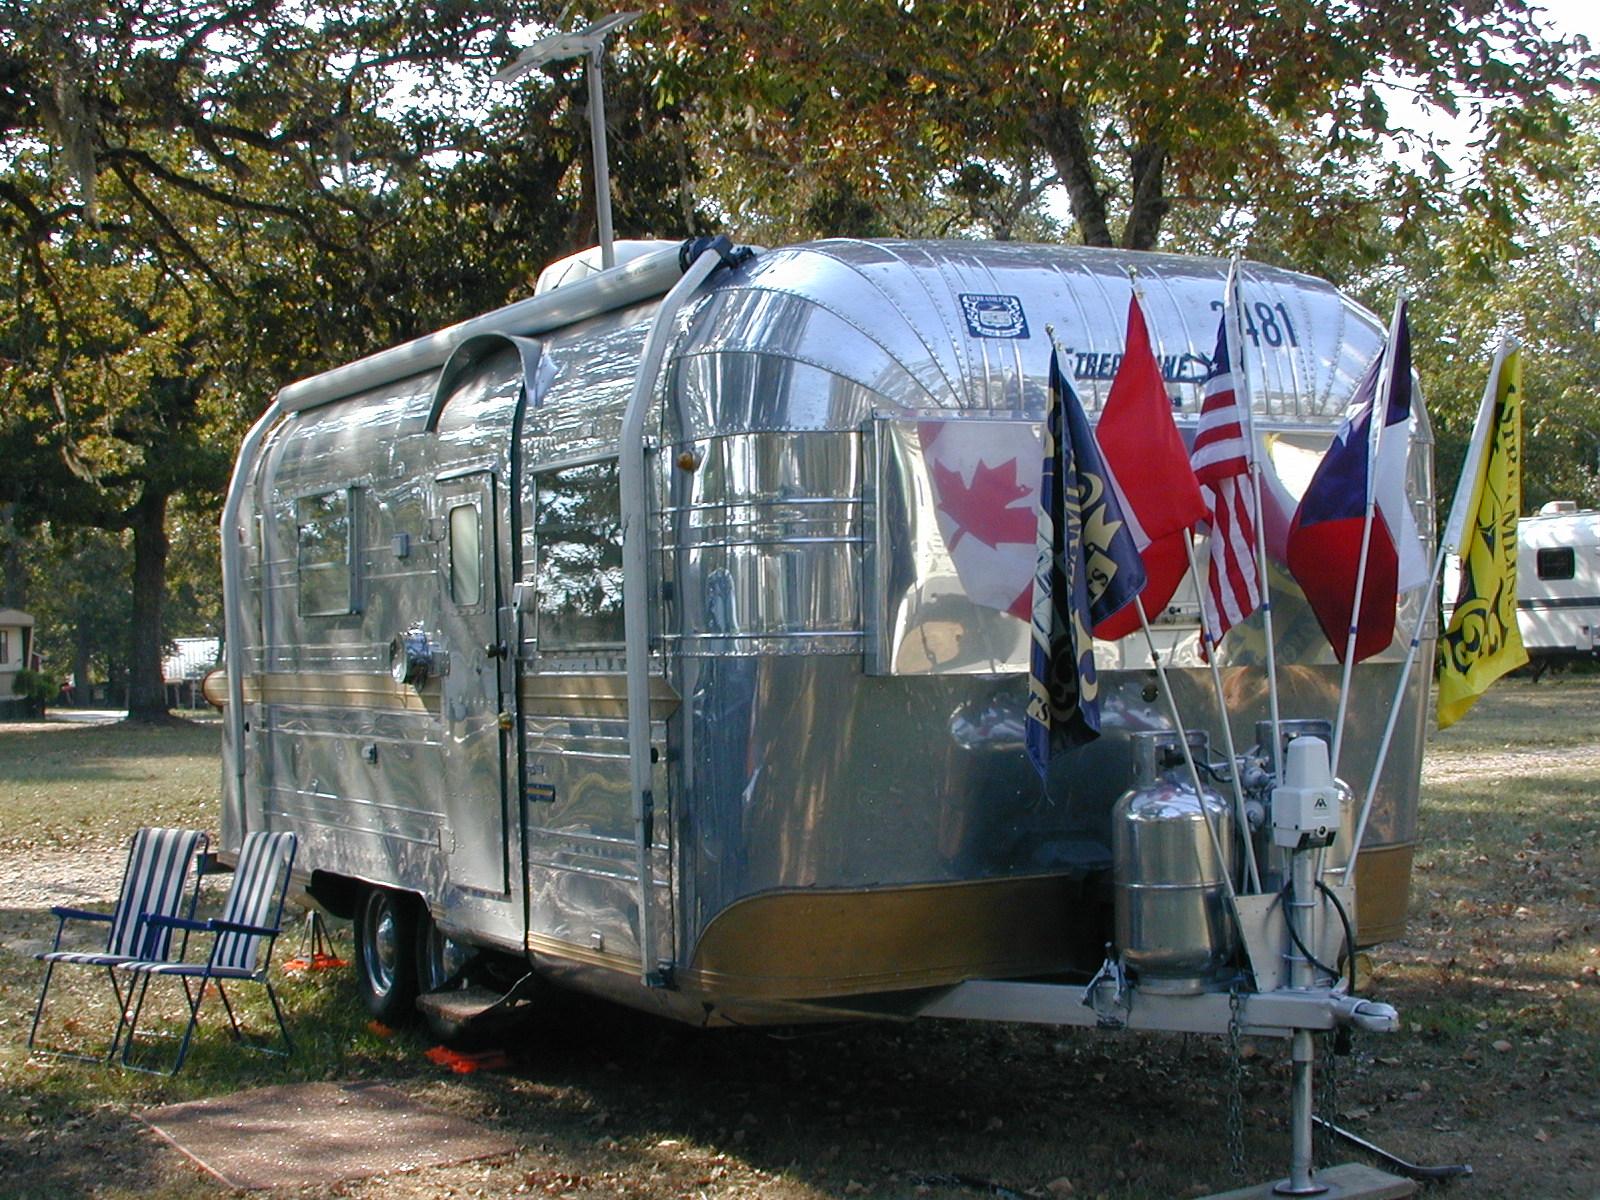 Bellville, TX - September 2004